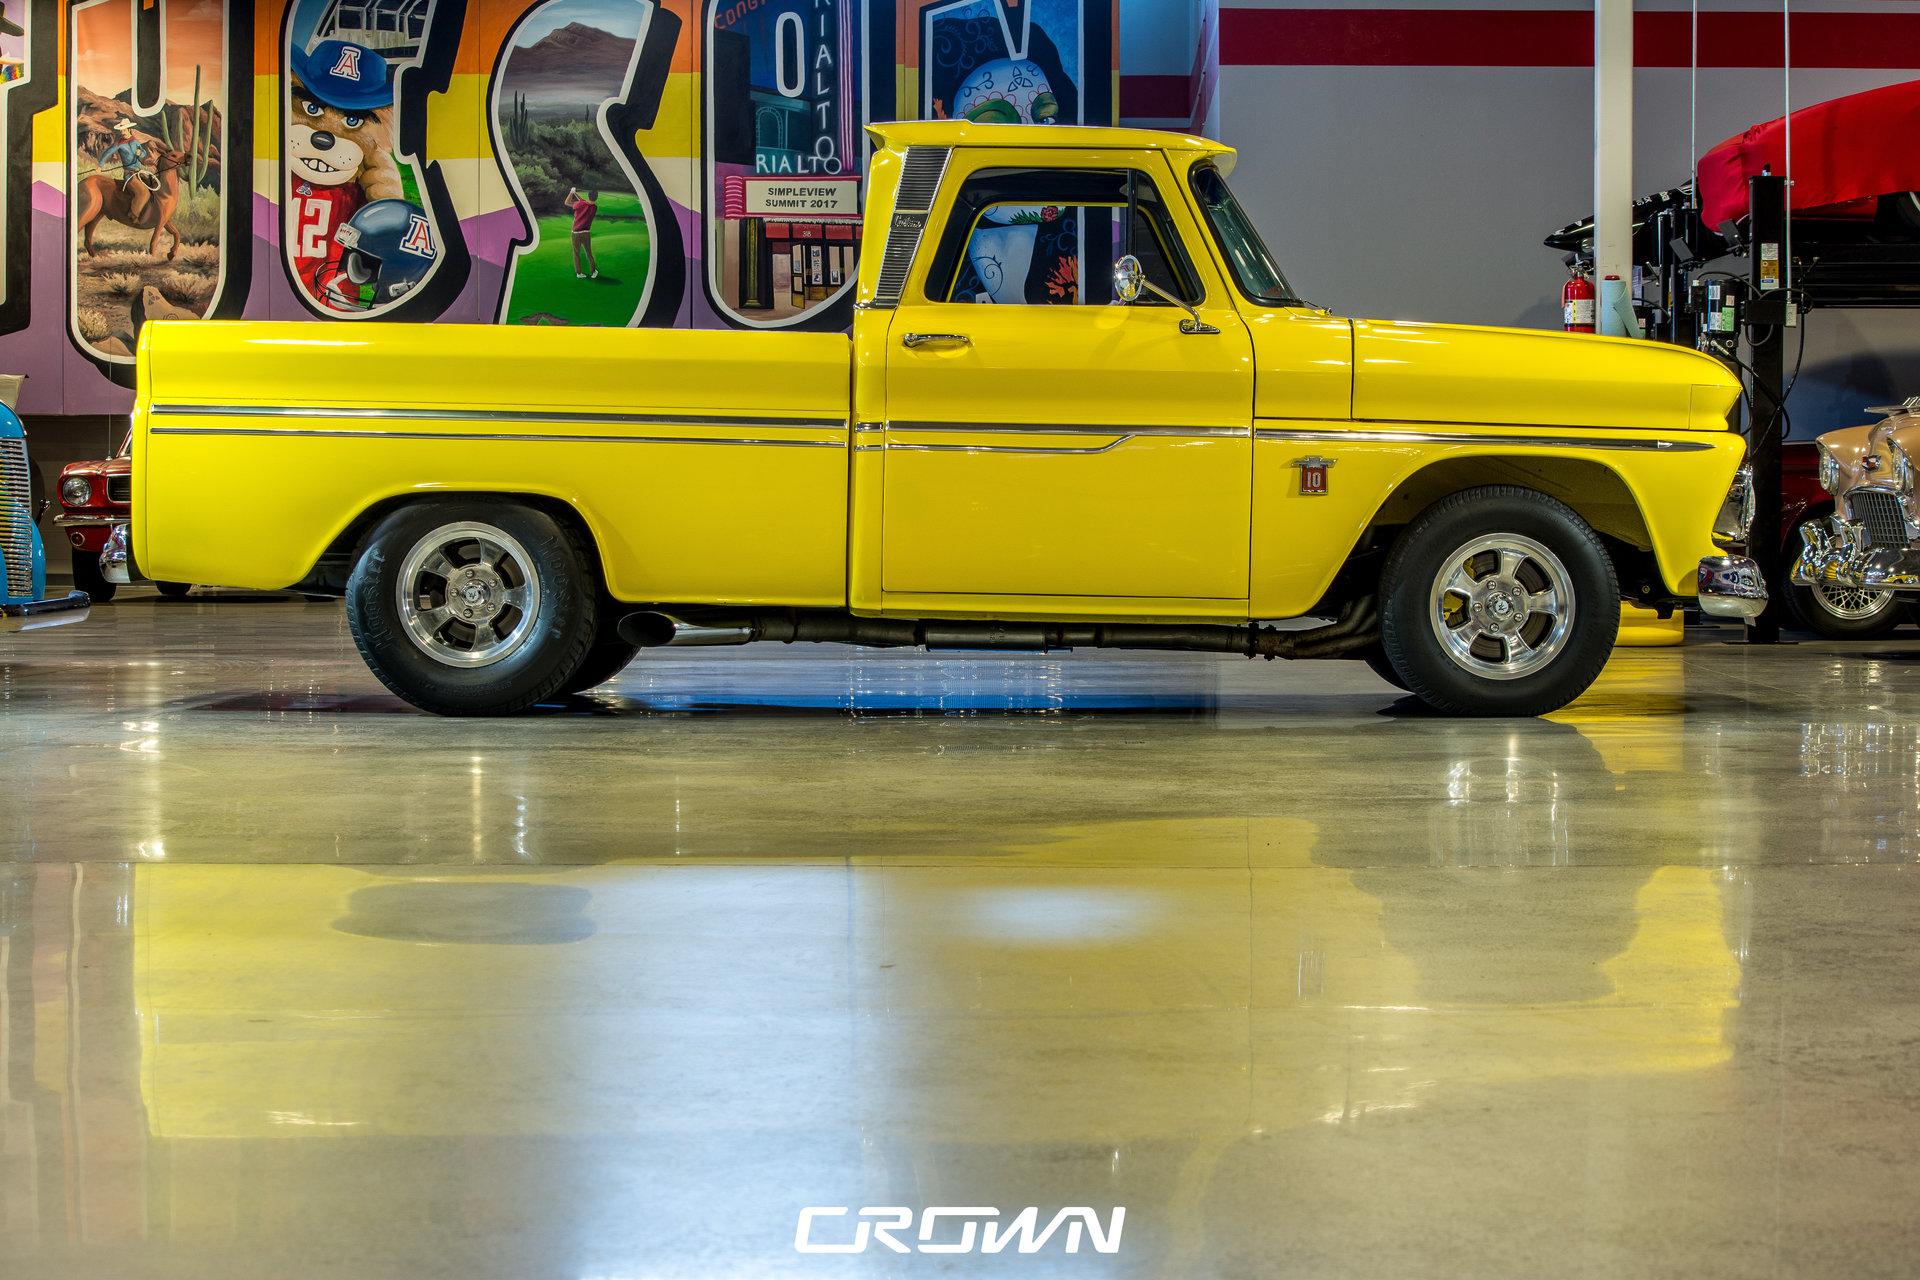 1964 Chevrolet C10 | Crown Concepts